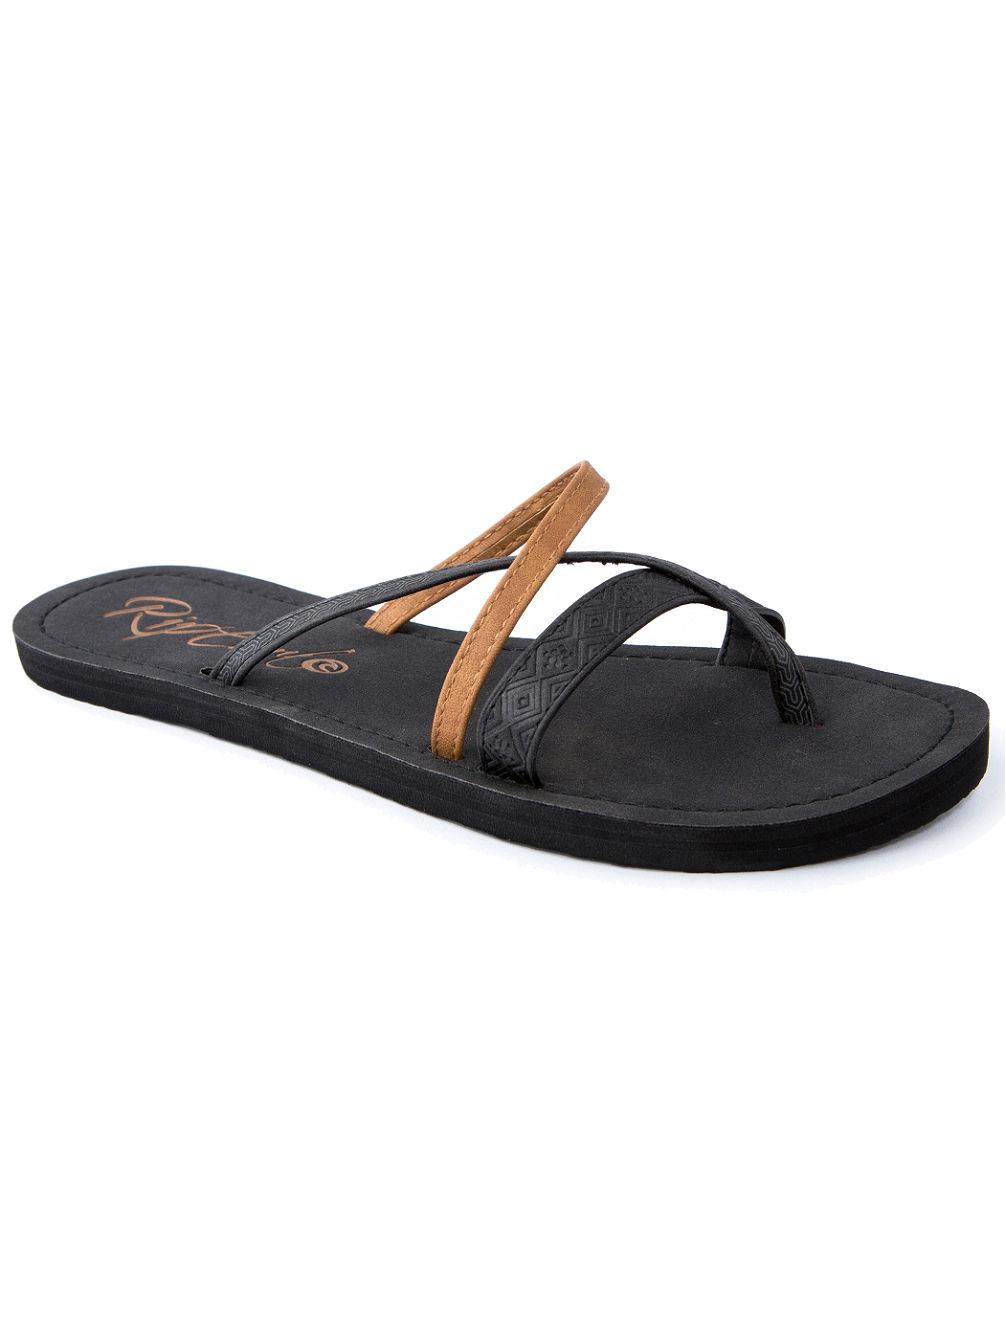 d59c5244e Buy Rip Curl Jordan Sandals Women online at Blue Tomato